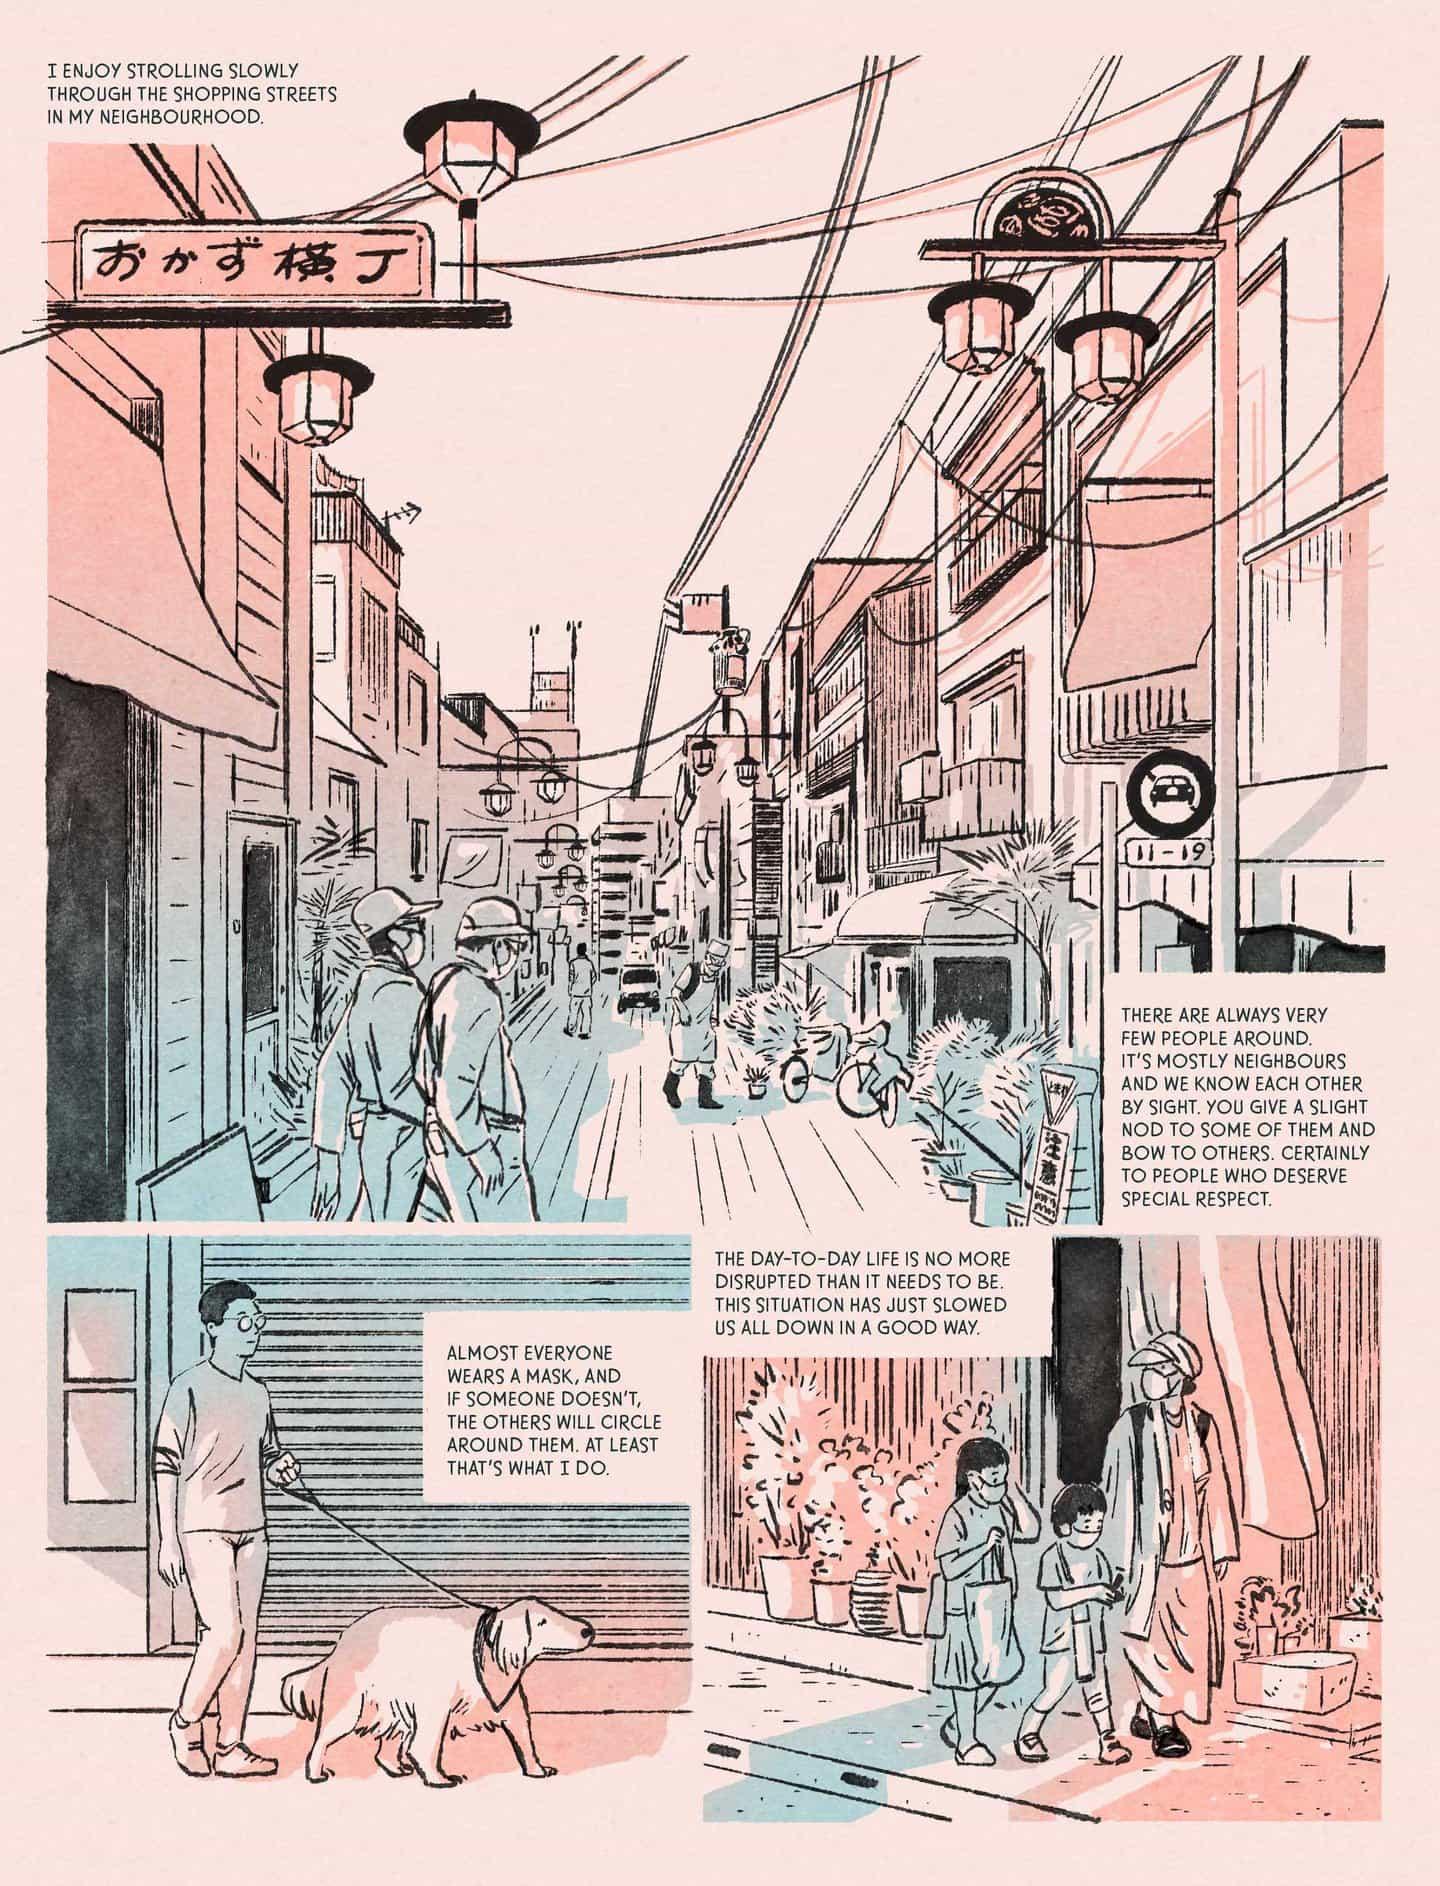 Luis Mendo: Tokyo Pandémico para EL PAÍS. (Copyright © Luis Mendo 2020)